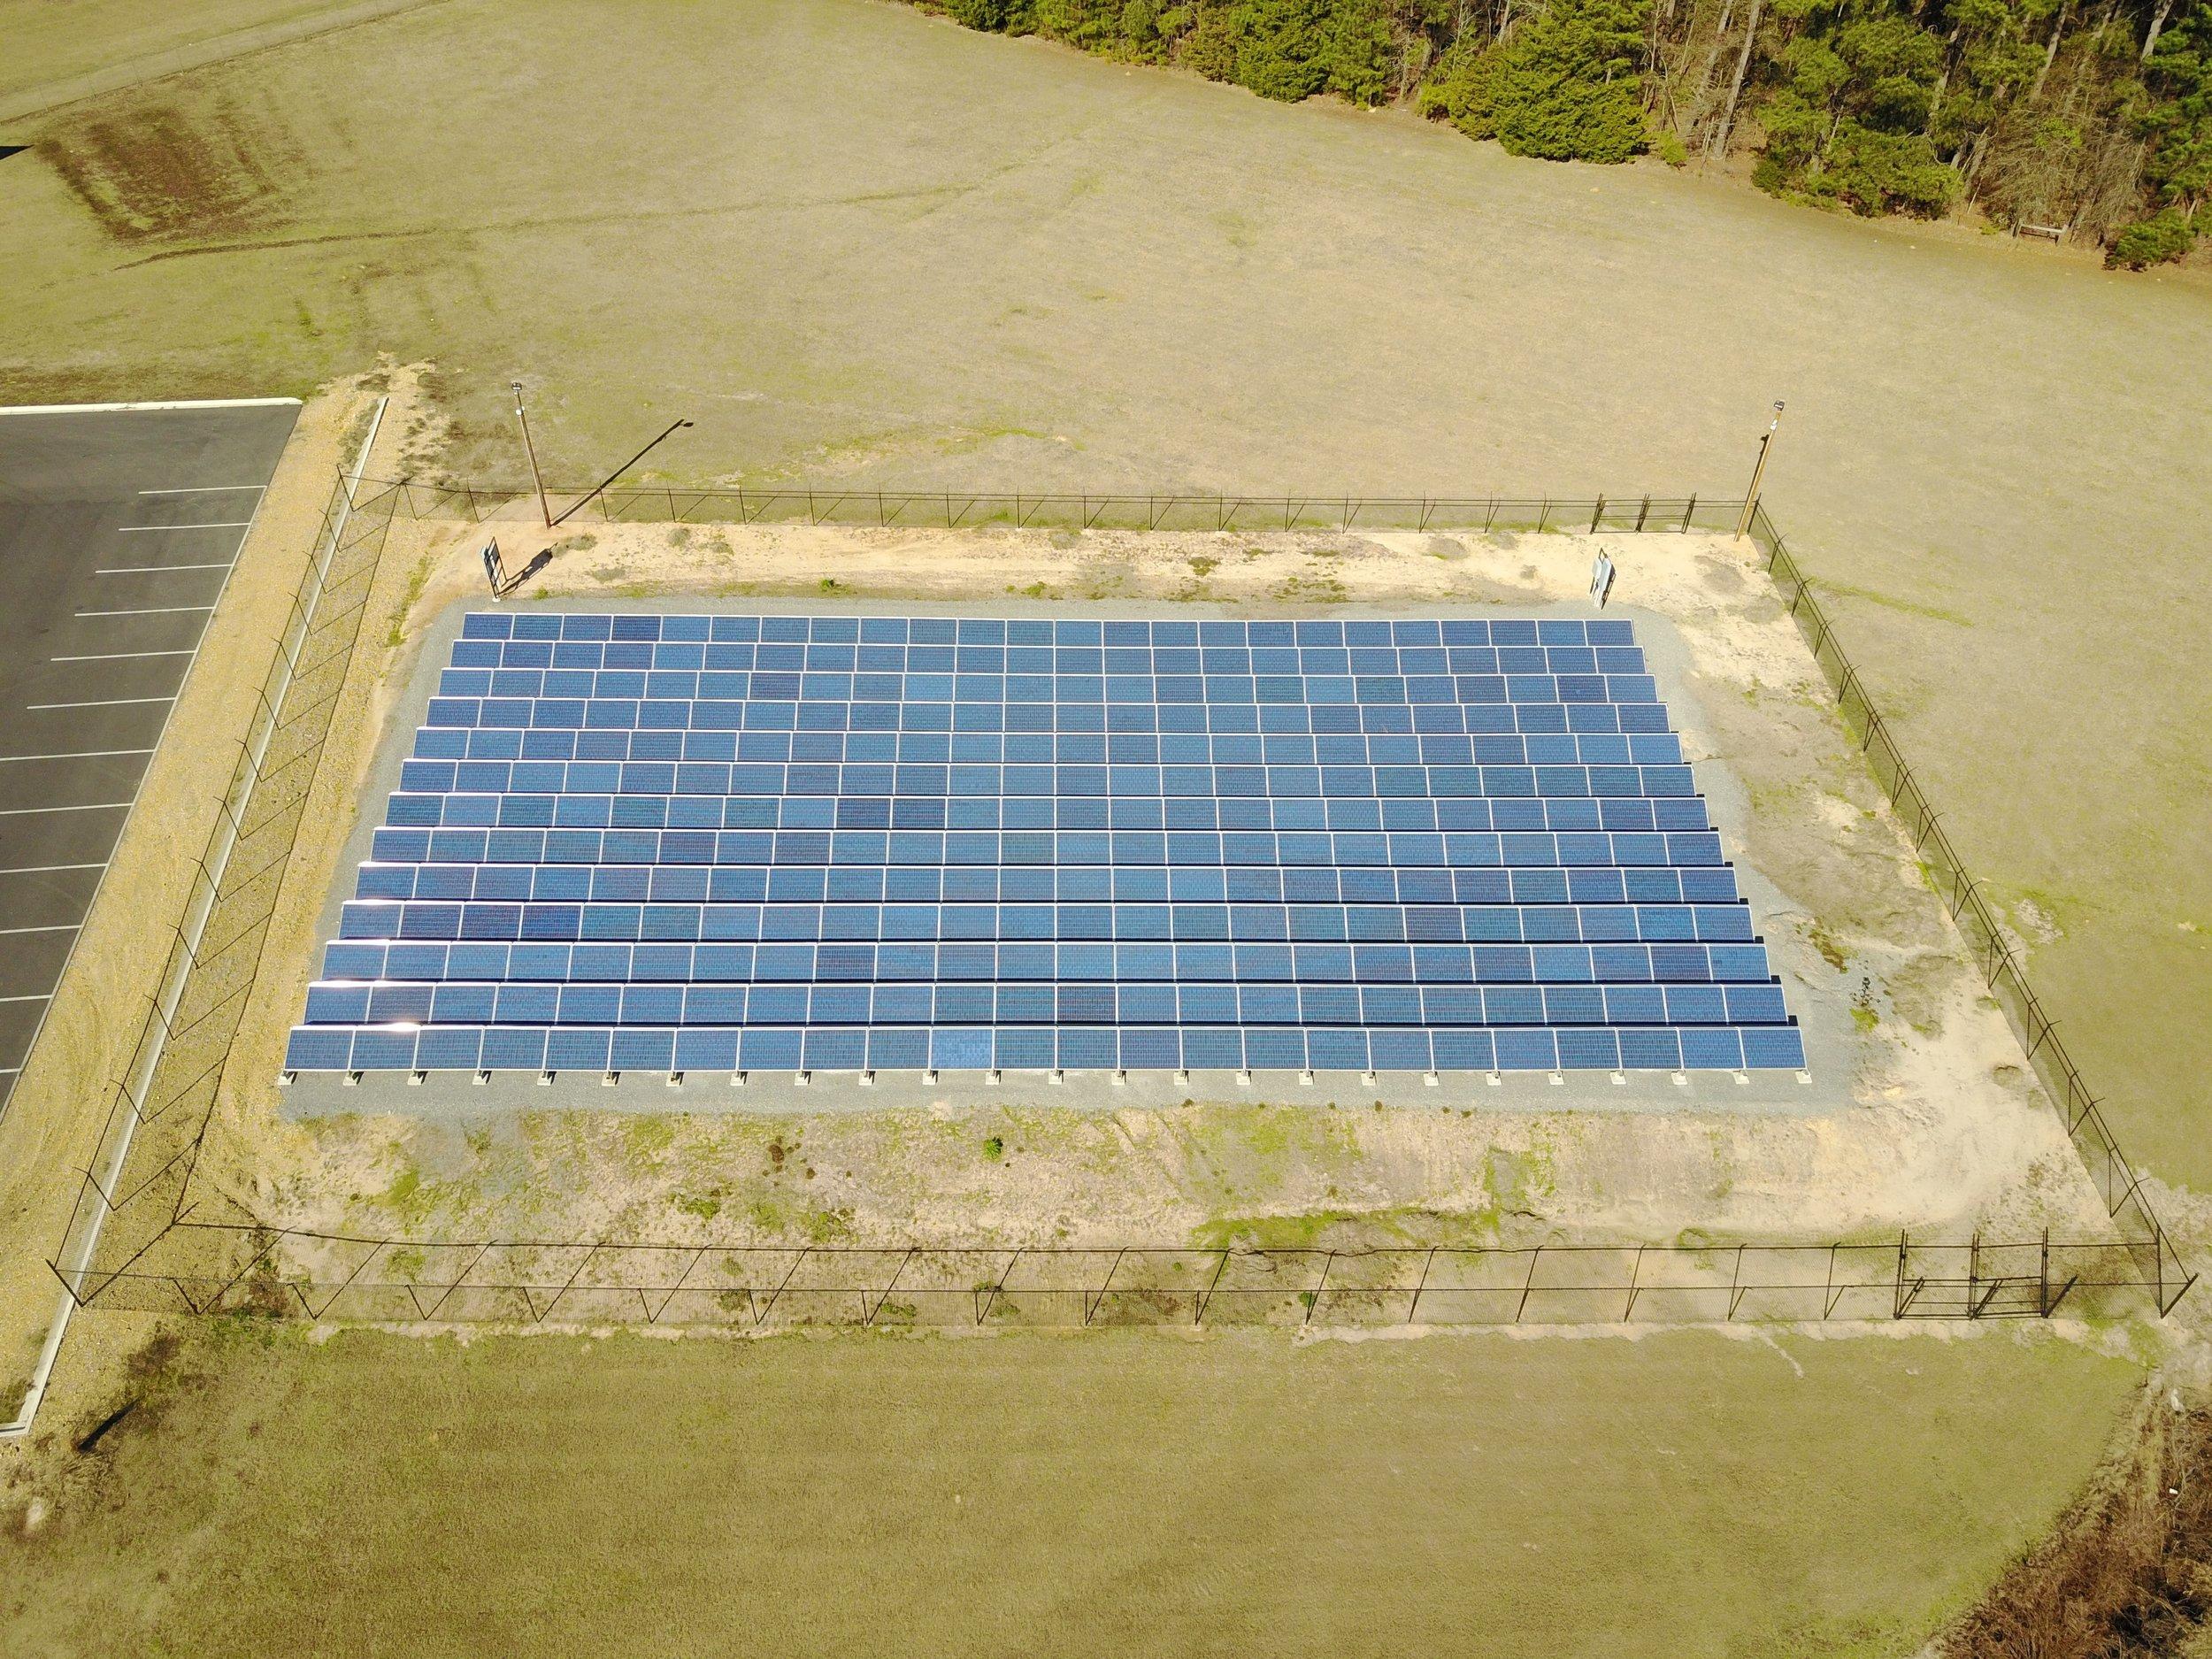 Ouachita Electric Cooperative (OECC) - 100 KW Ground Mount System - CAMDEN, ARKANSAS